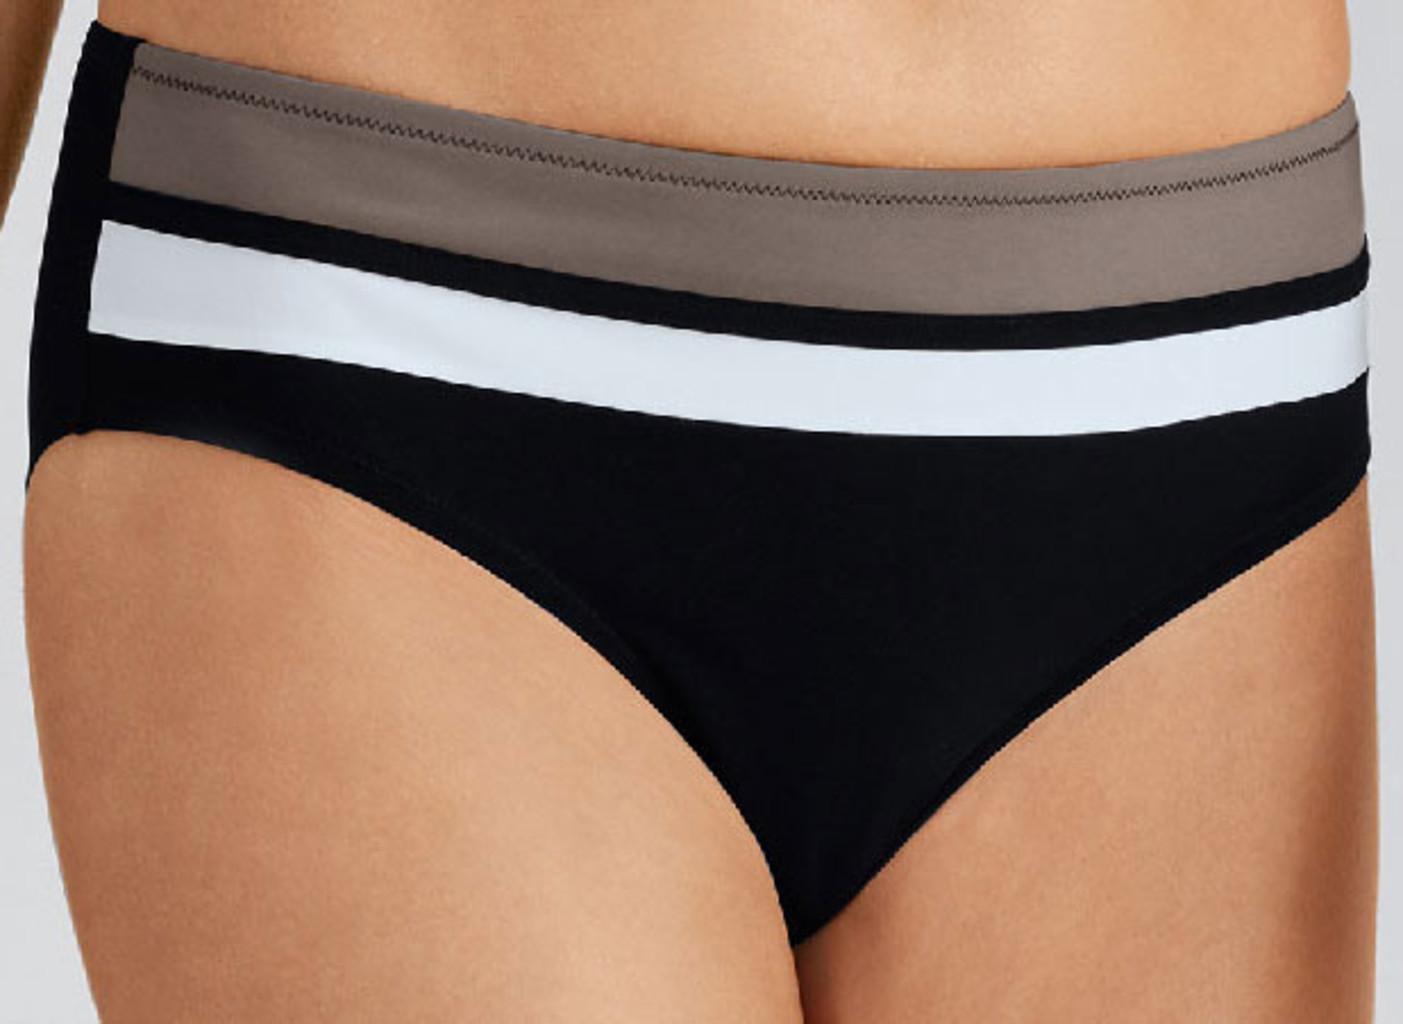 Amoena Amoena Paros chloorbestendige bikinislip kleur zwart gecombineerd met wit en taupe kleur